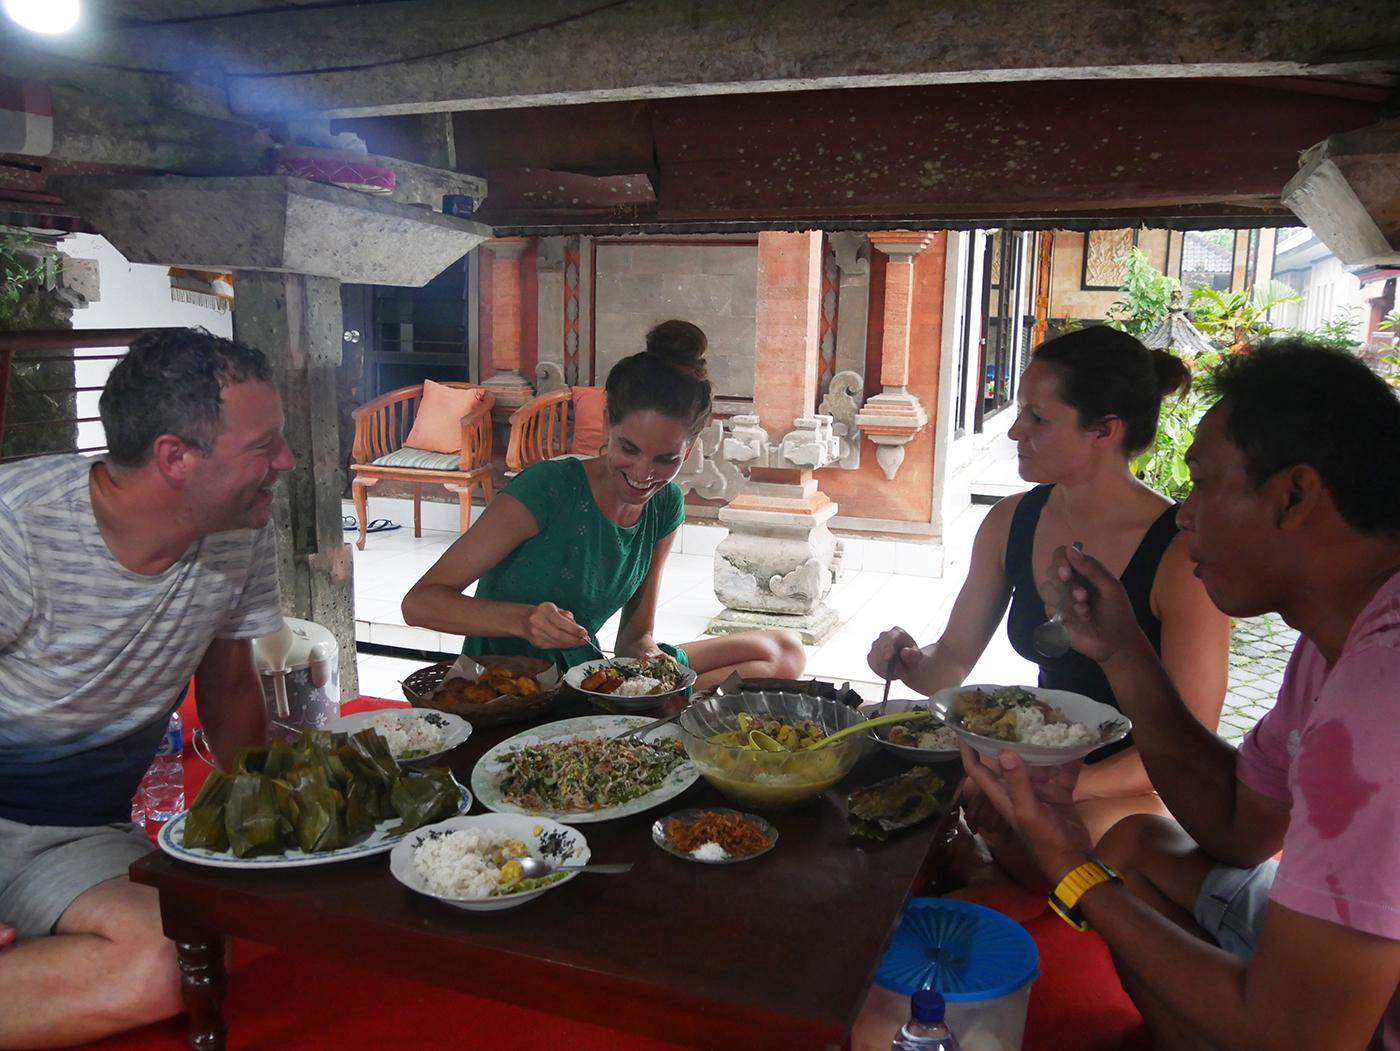 Eten bij locals, een hele mooie ervaring!